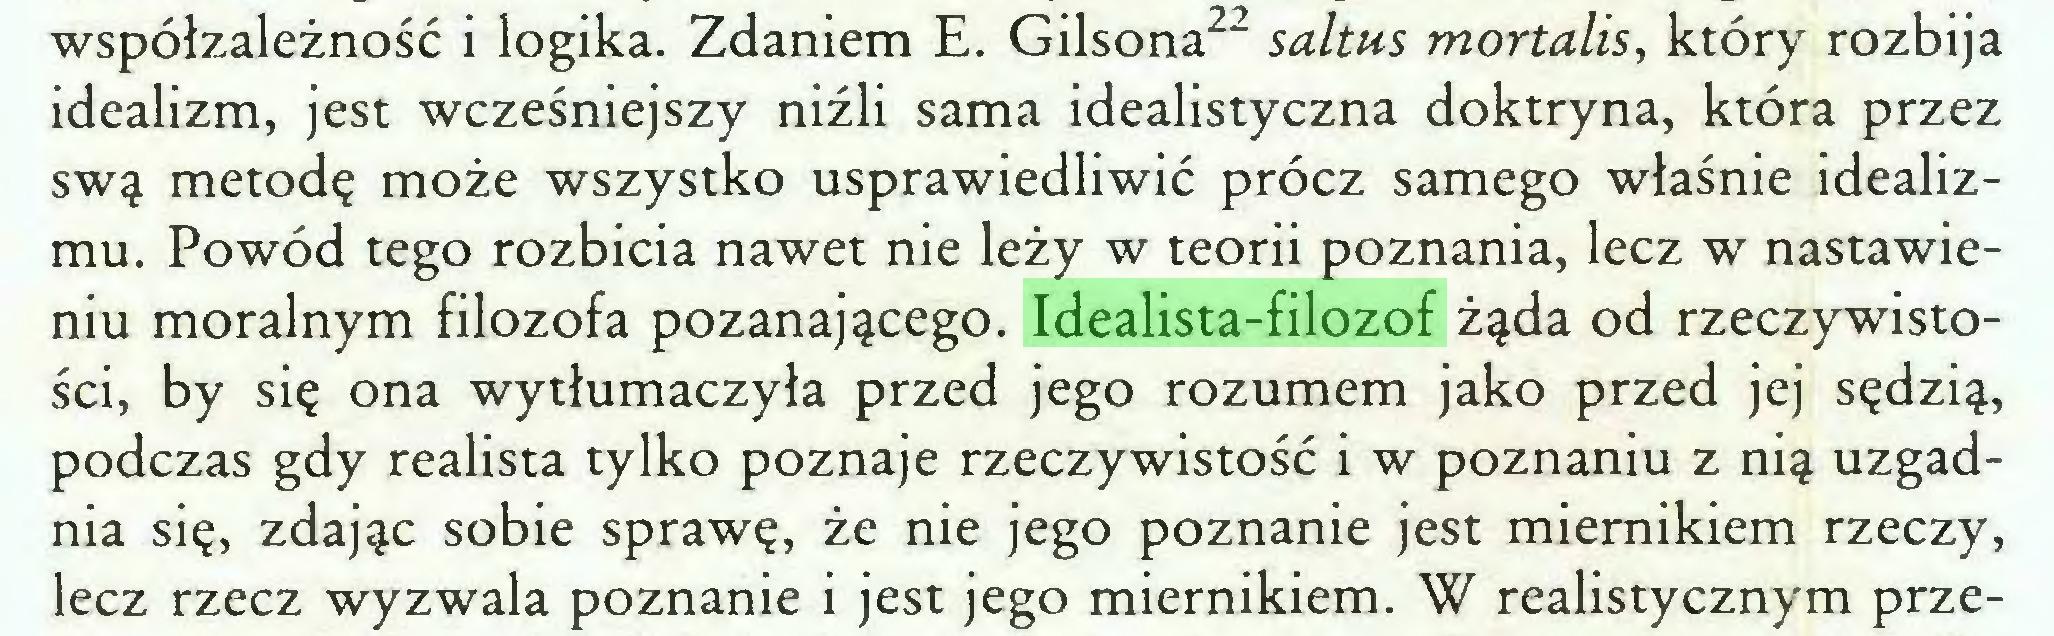 (...) współzależność i logika. Zdaniem E. Gilsona22 saltus mortalis, który rozbija idealizm, jest wcześniejszy niźli sama idealistyczna doktryna, która przez swą metodę może wszystko usprawiedliwić prócz samego właśnie idealizmu. Powód tego rozbicia nawet nie leży w teorii poznania, lecz w nastawieniu moralnym filozofa pozanającego. Idealista-filozof żąda od rzeczywistości, by się ona wytłumaczyła przed jego rozumem jako przed jej sędzią, podczas gdy realista tylko poznaje rzeczywistość i w poznaniu z nią uzgadnia się, zdając sobie sprawę, że nie jego poznanie jest miernikiem rzeczy, lecz rzecz wyzwala poznanie i jest jego miernikiem. W realistycznym prze...